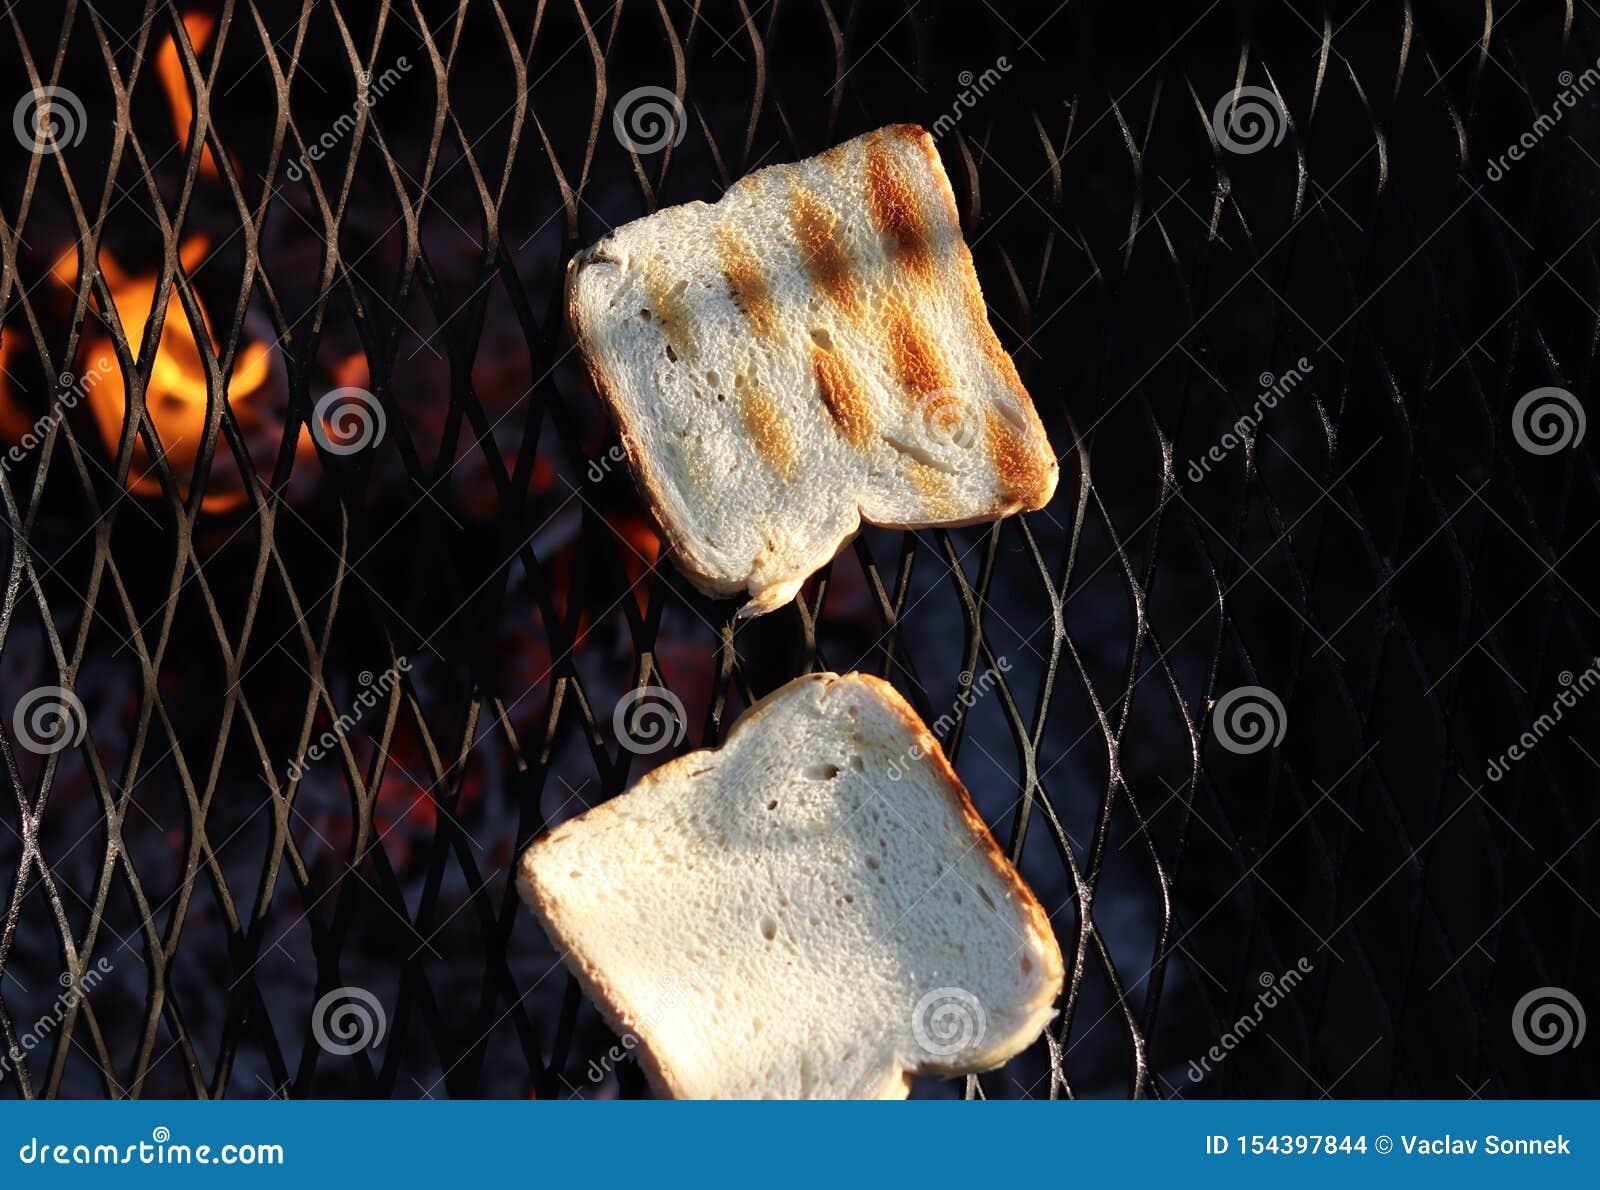 Brinde branco grelhado na grade preta especial para a guloseima perfeitamente friável Fritando brindes na chama média feita de lo